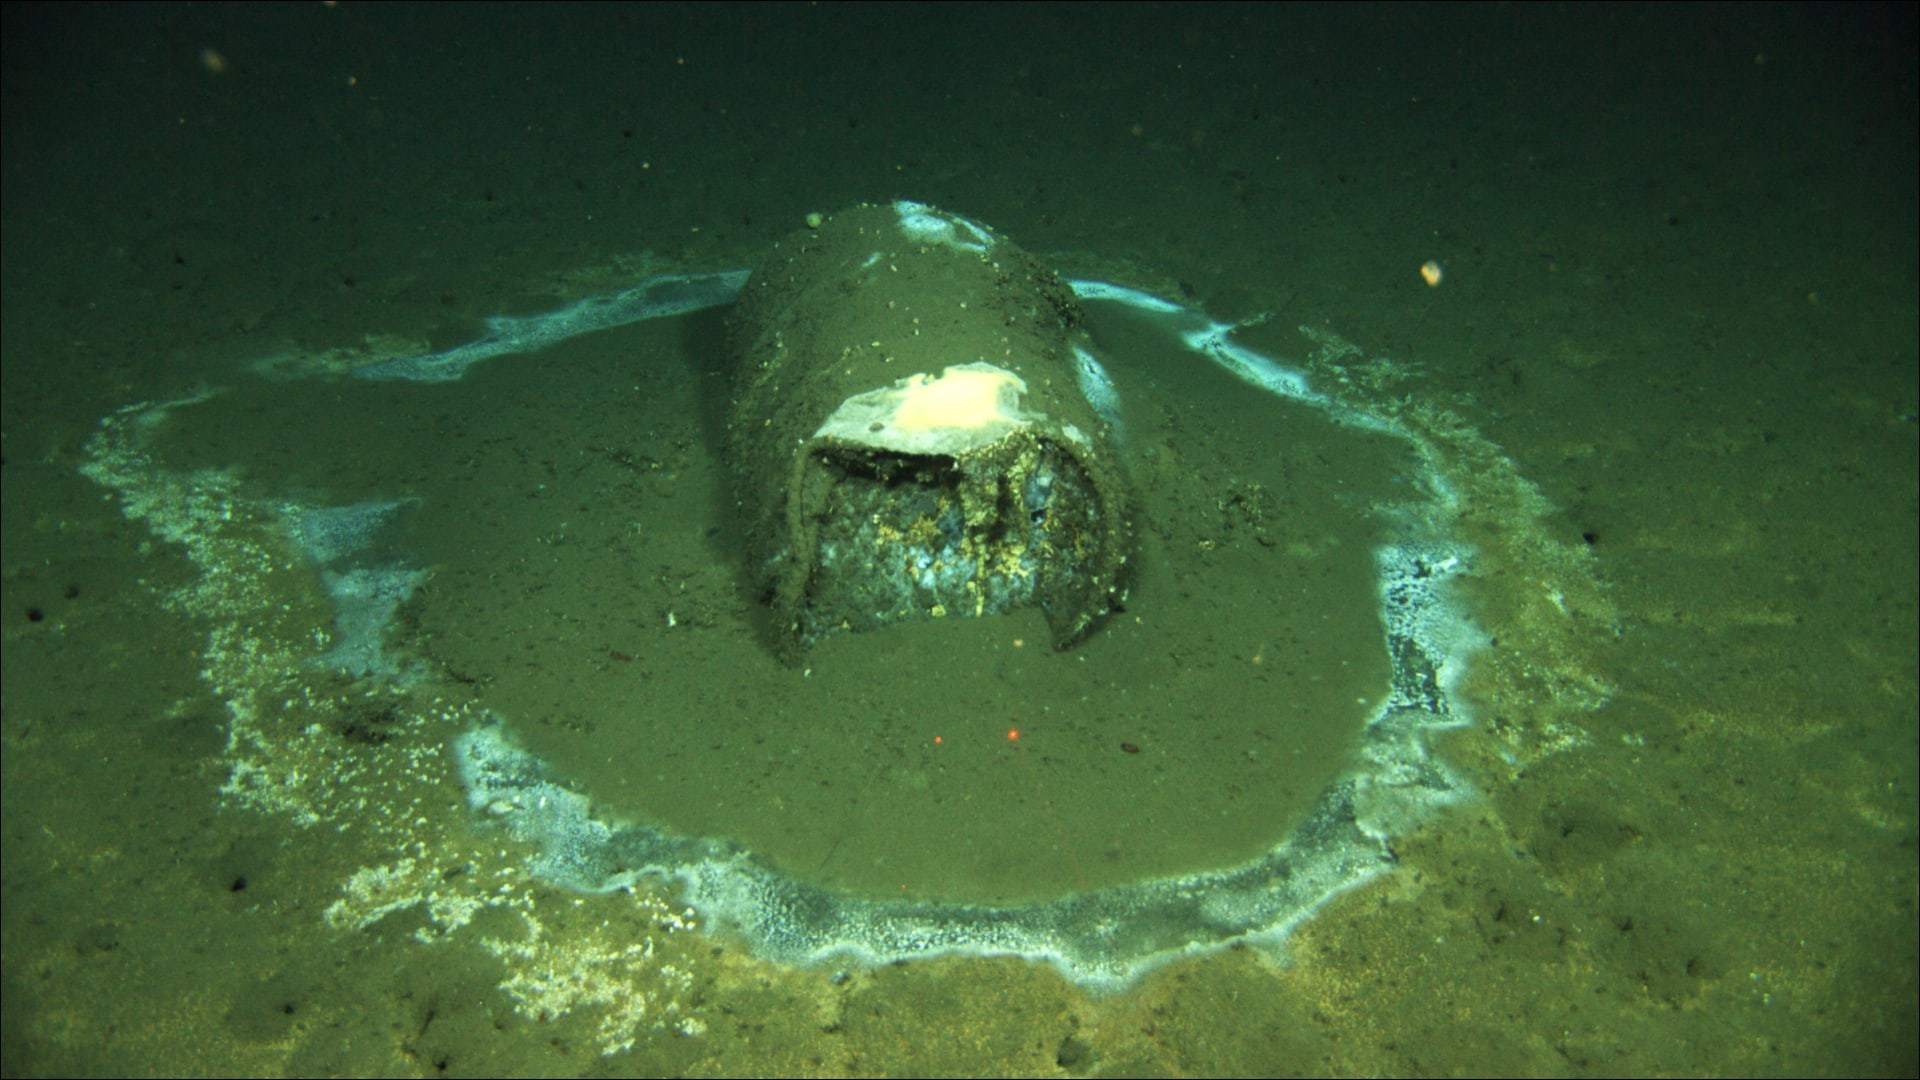 Un barril de DDT al fons del mar | Universitat de California - Santa Barbara